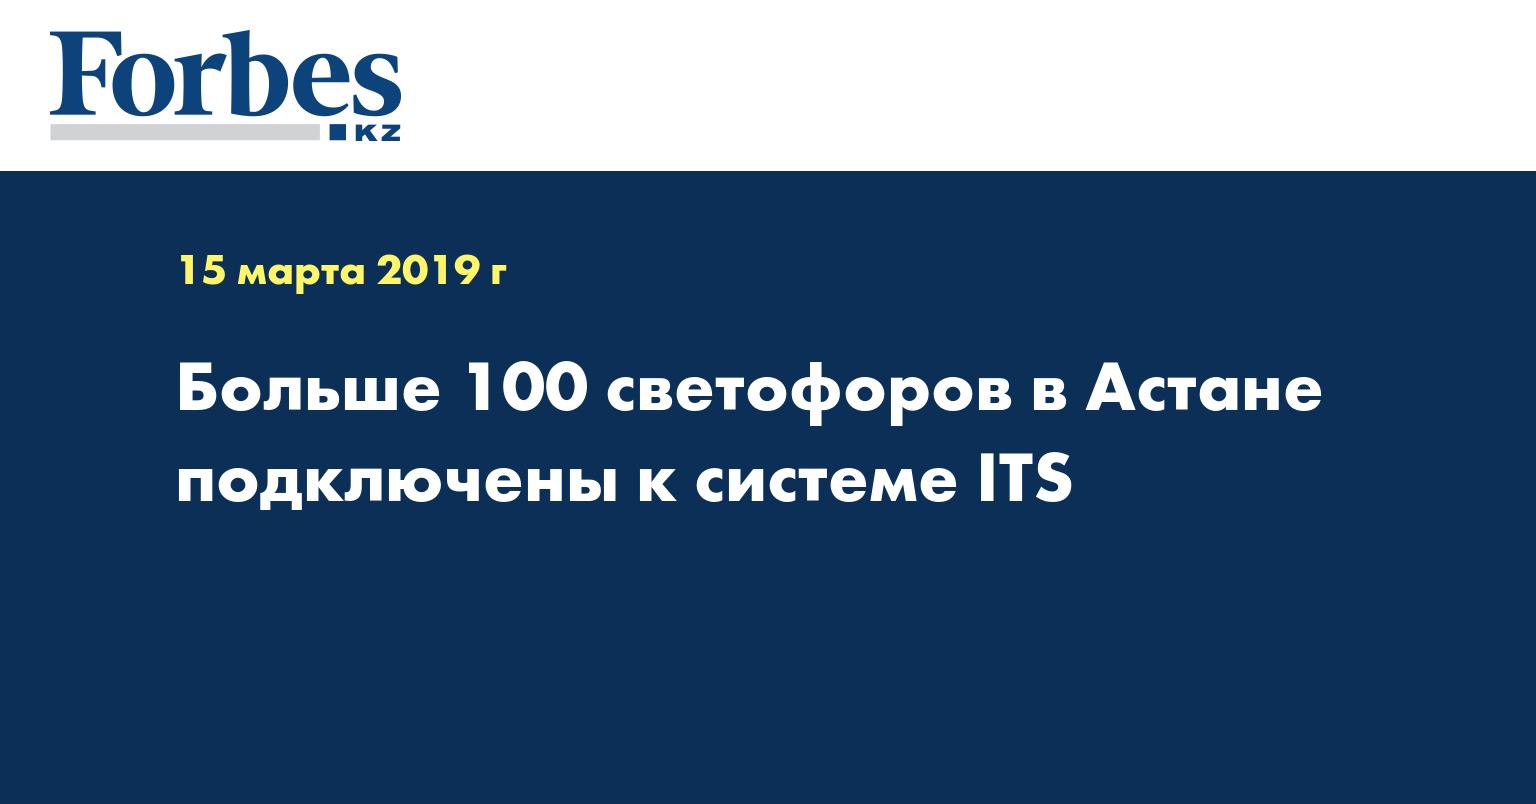 Больше 100 светофоров в Астане подключены к системе ITS